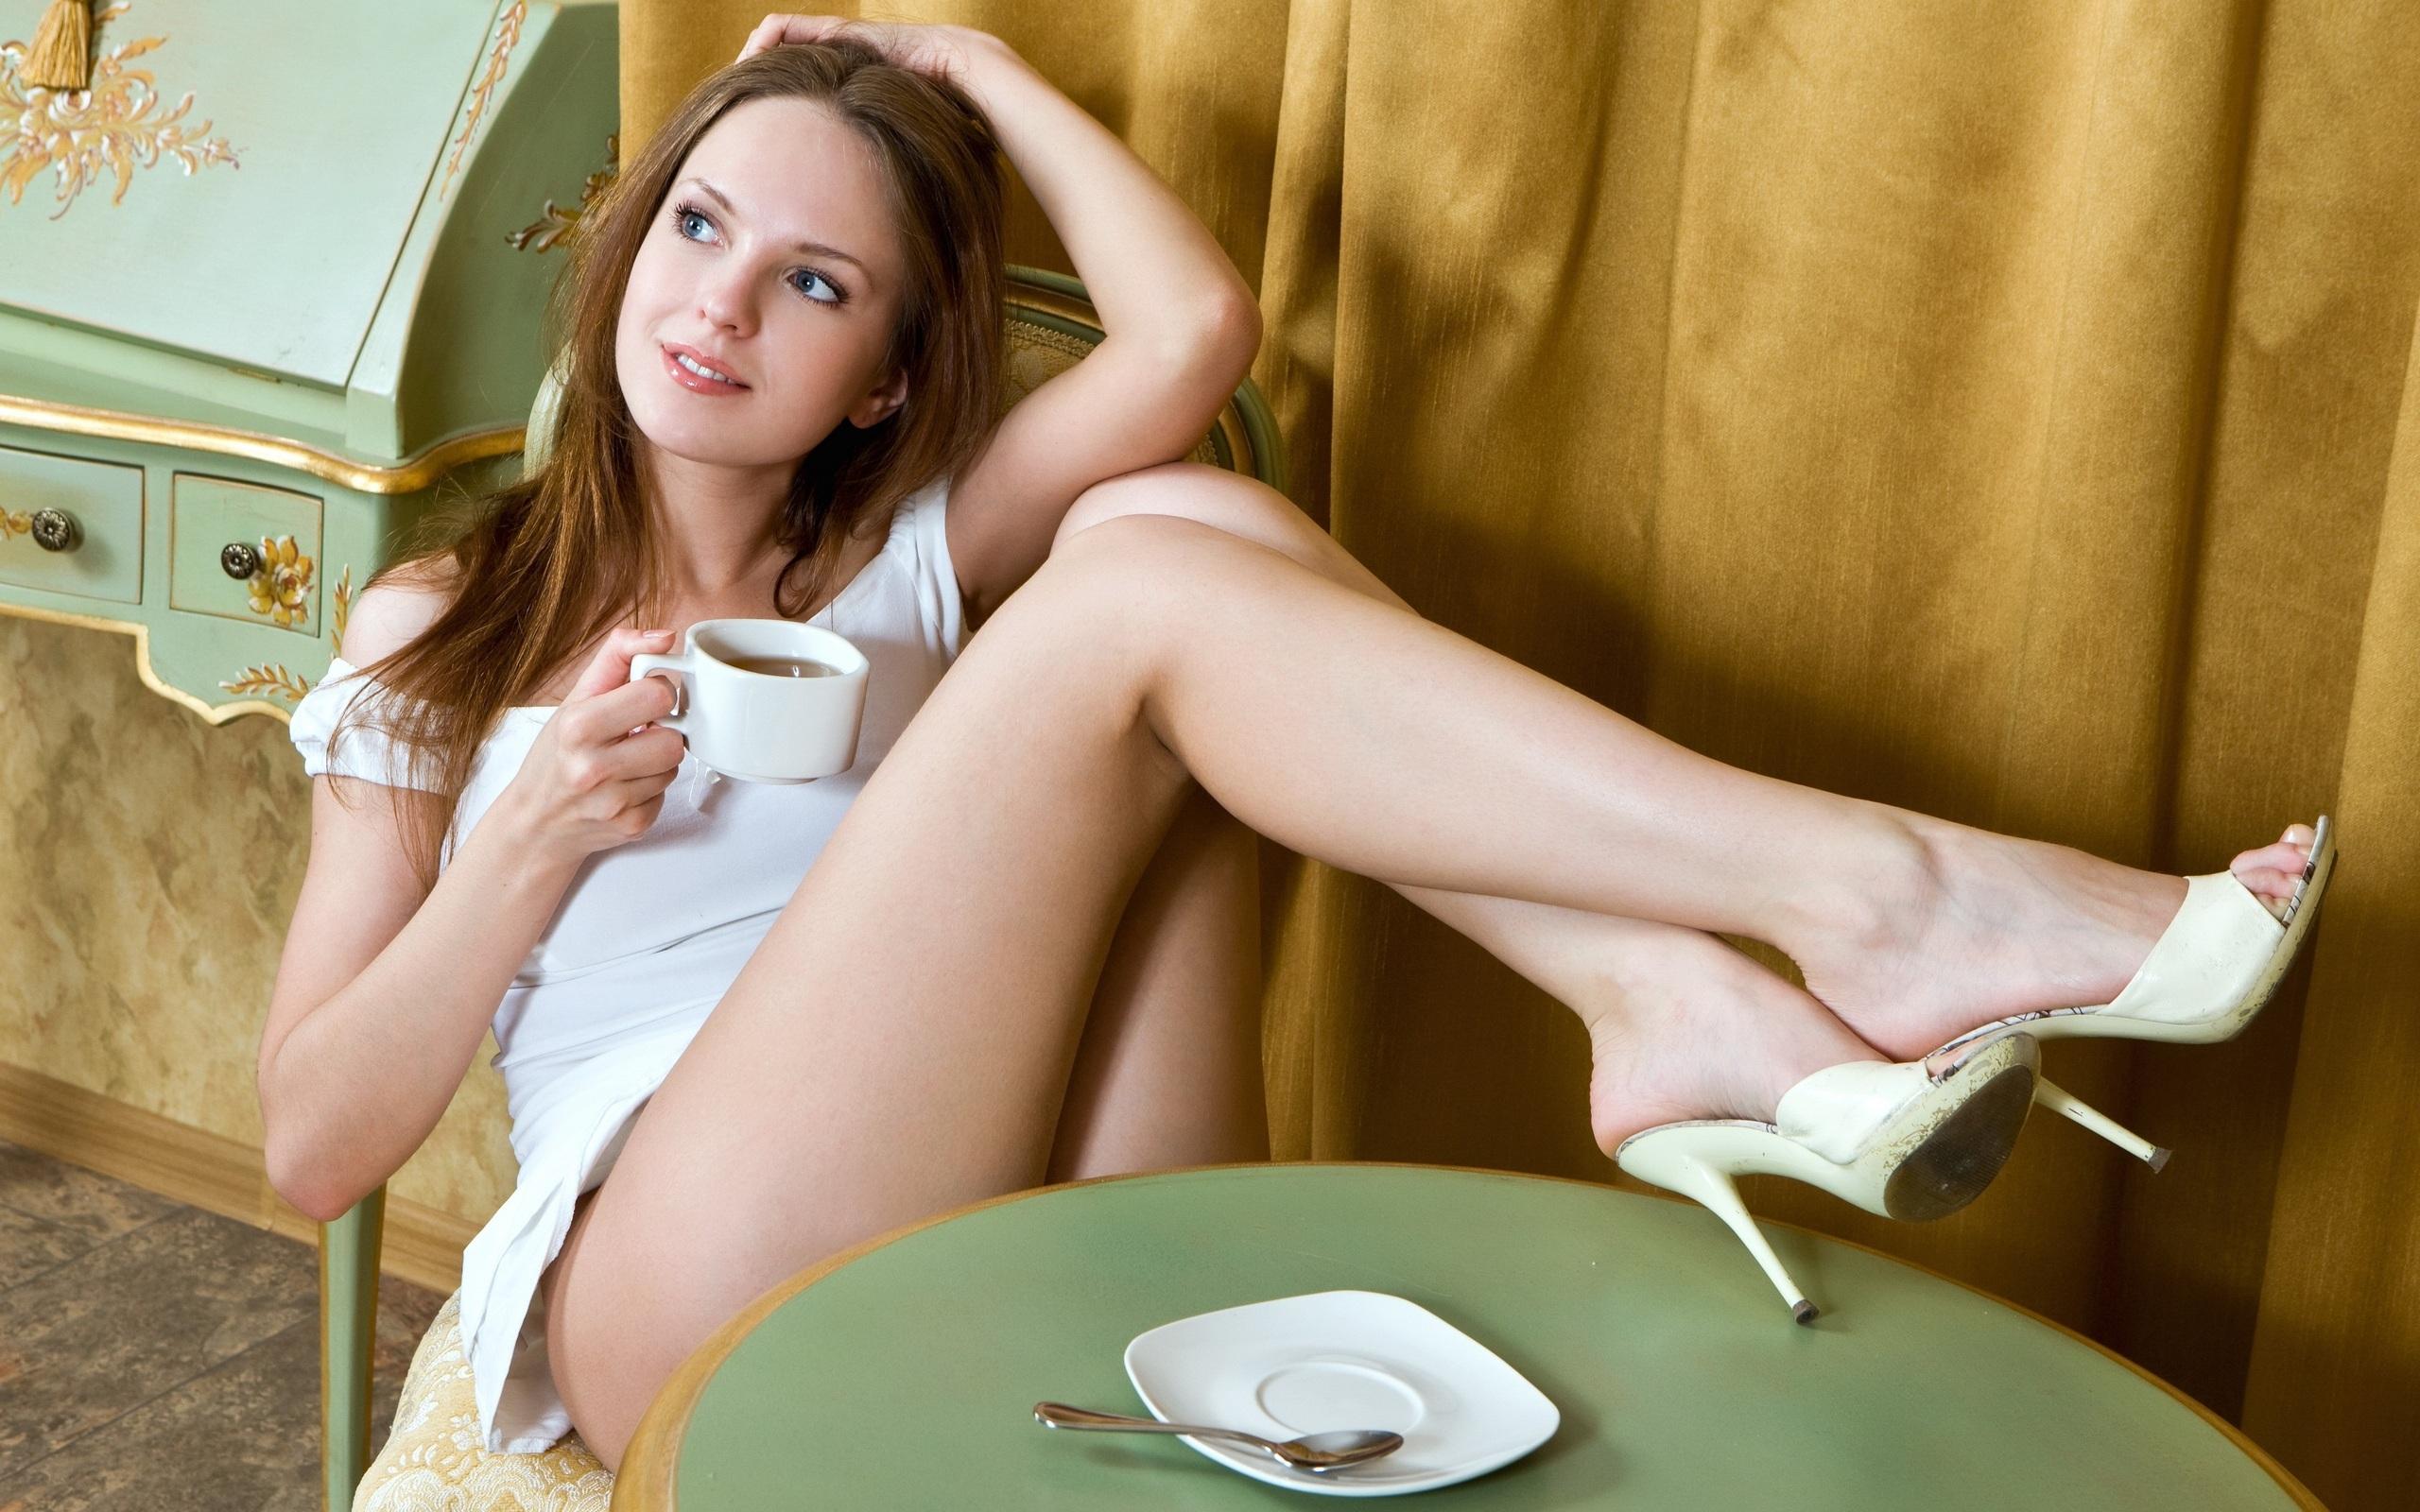 Худощавая европейка раздевается у плетённого кресла  315177